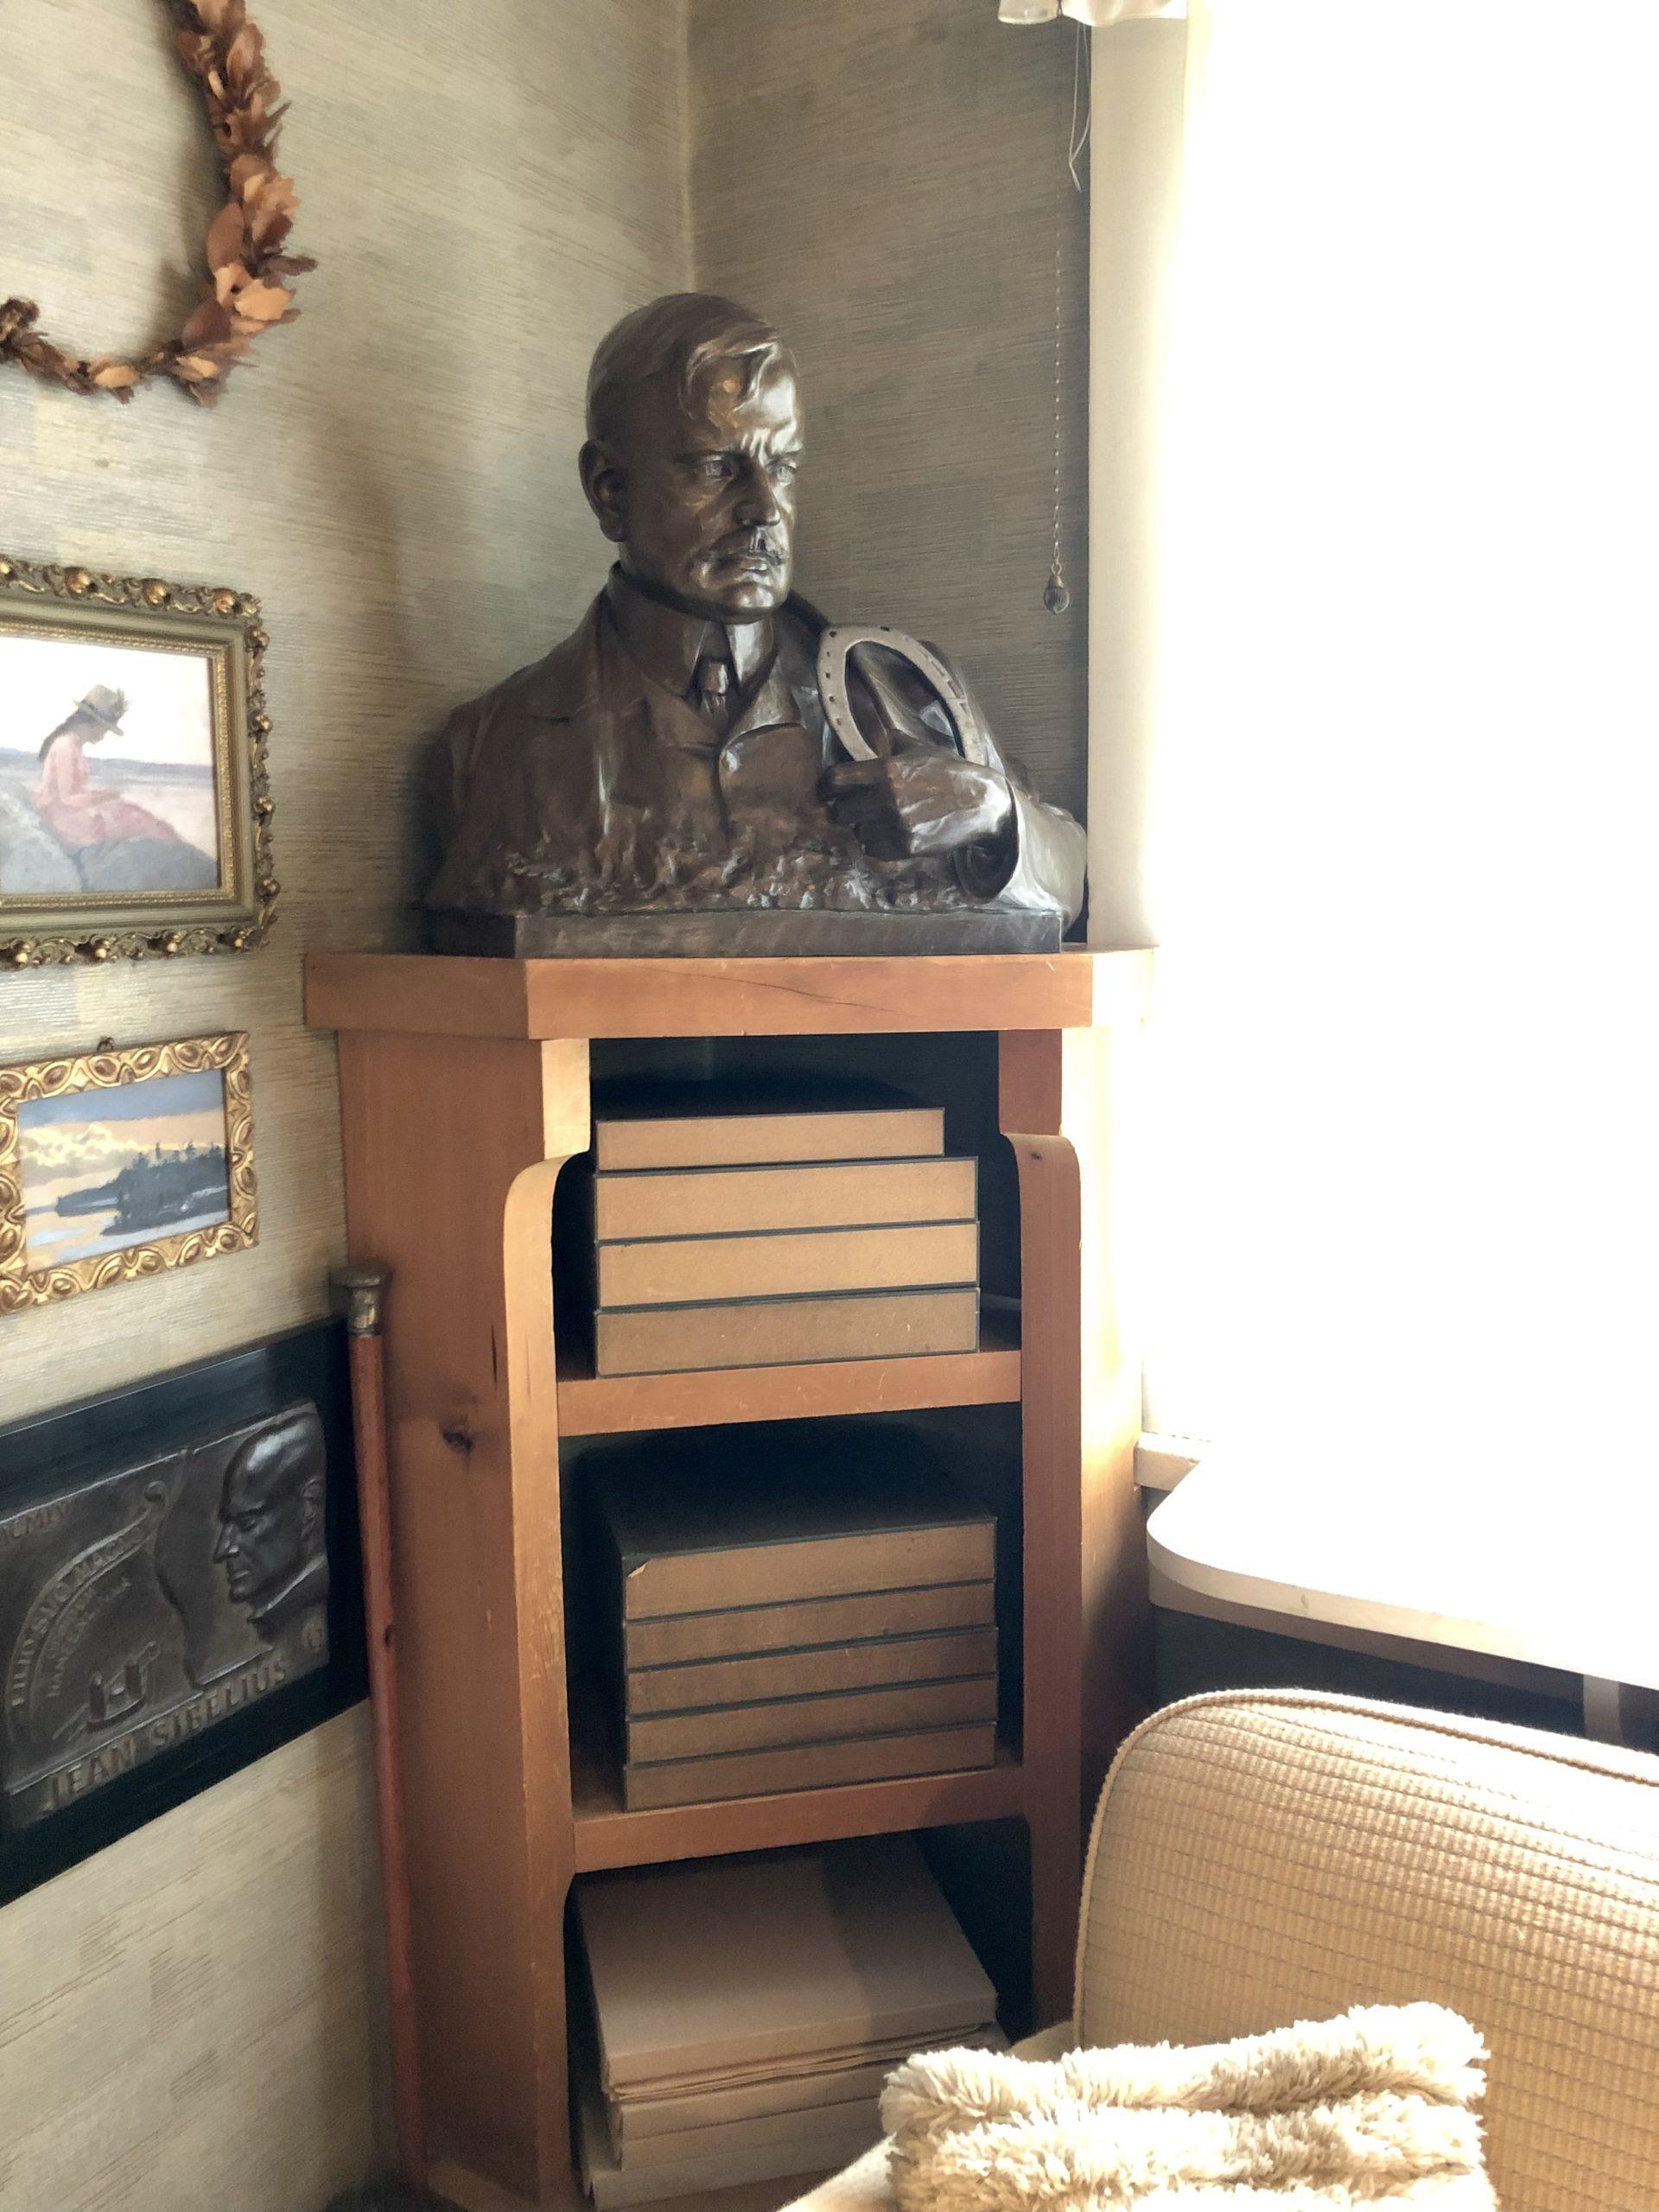 Tuusulanjärven taiteilijakodit sibeliuksen patsas